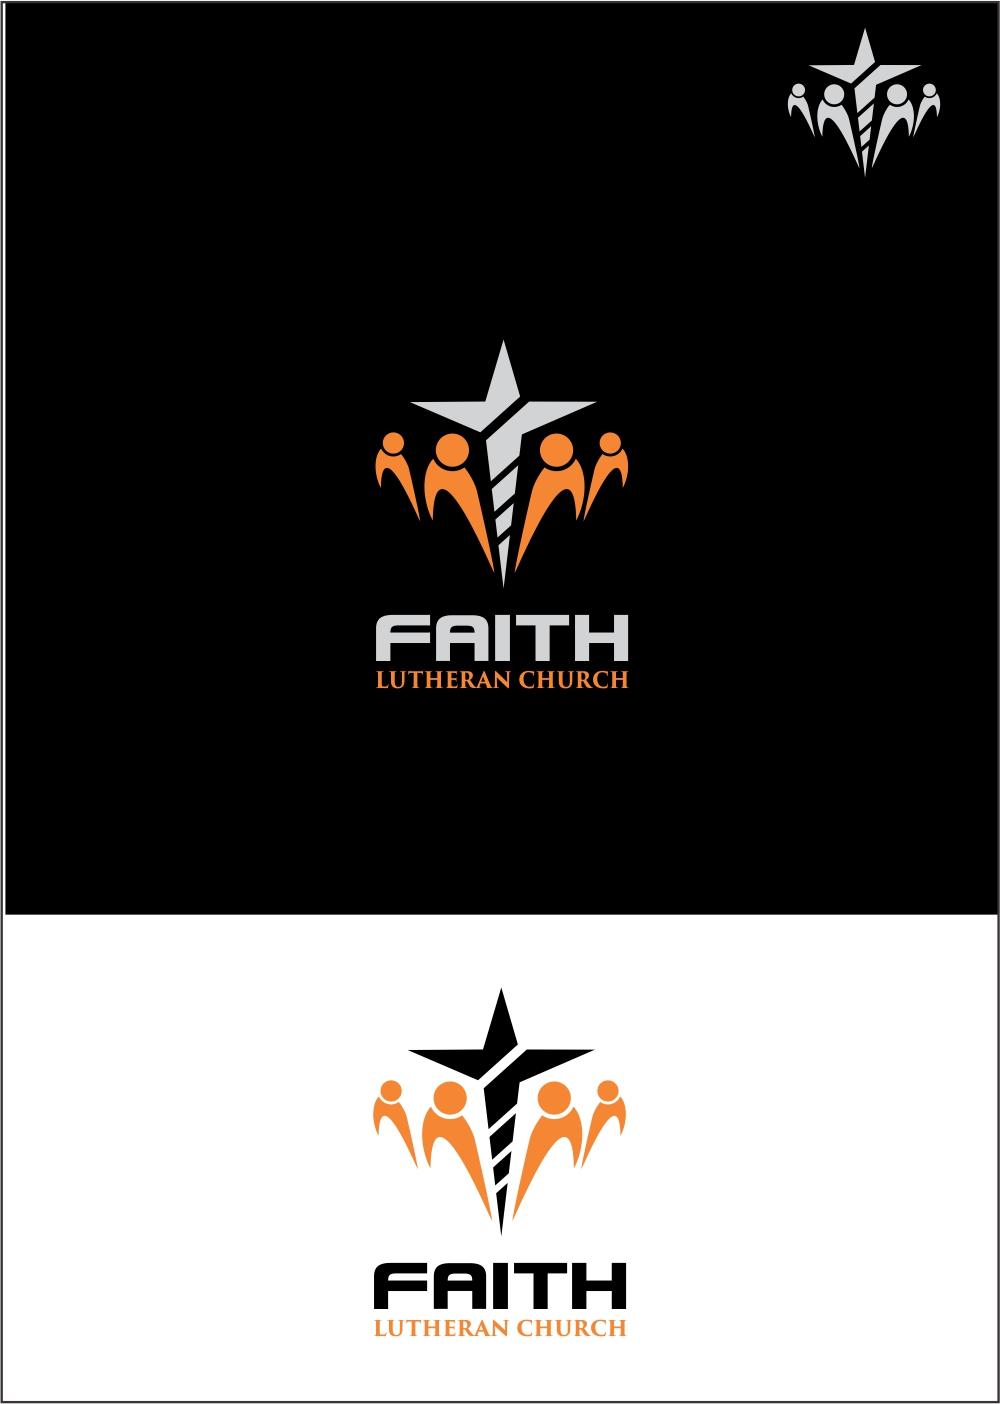 Logo Design by ian69 - Entry No. 197 in the Logo Design Contest Logo Design for Faith Lutheran Church.